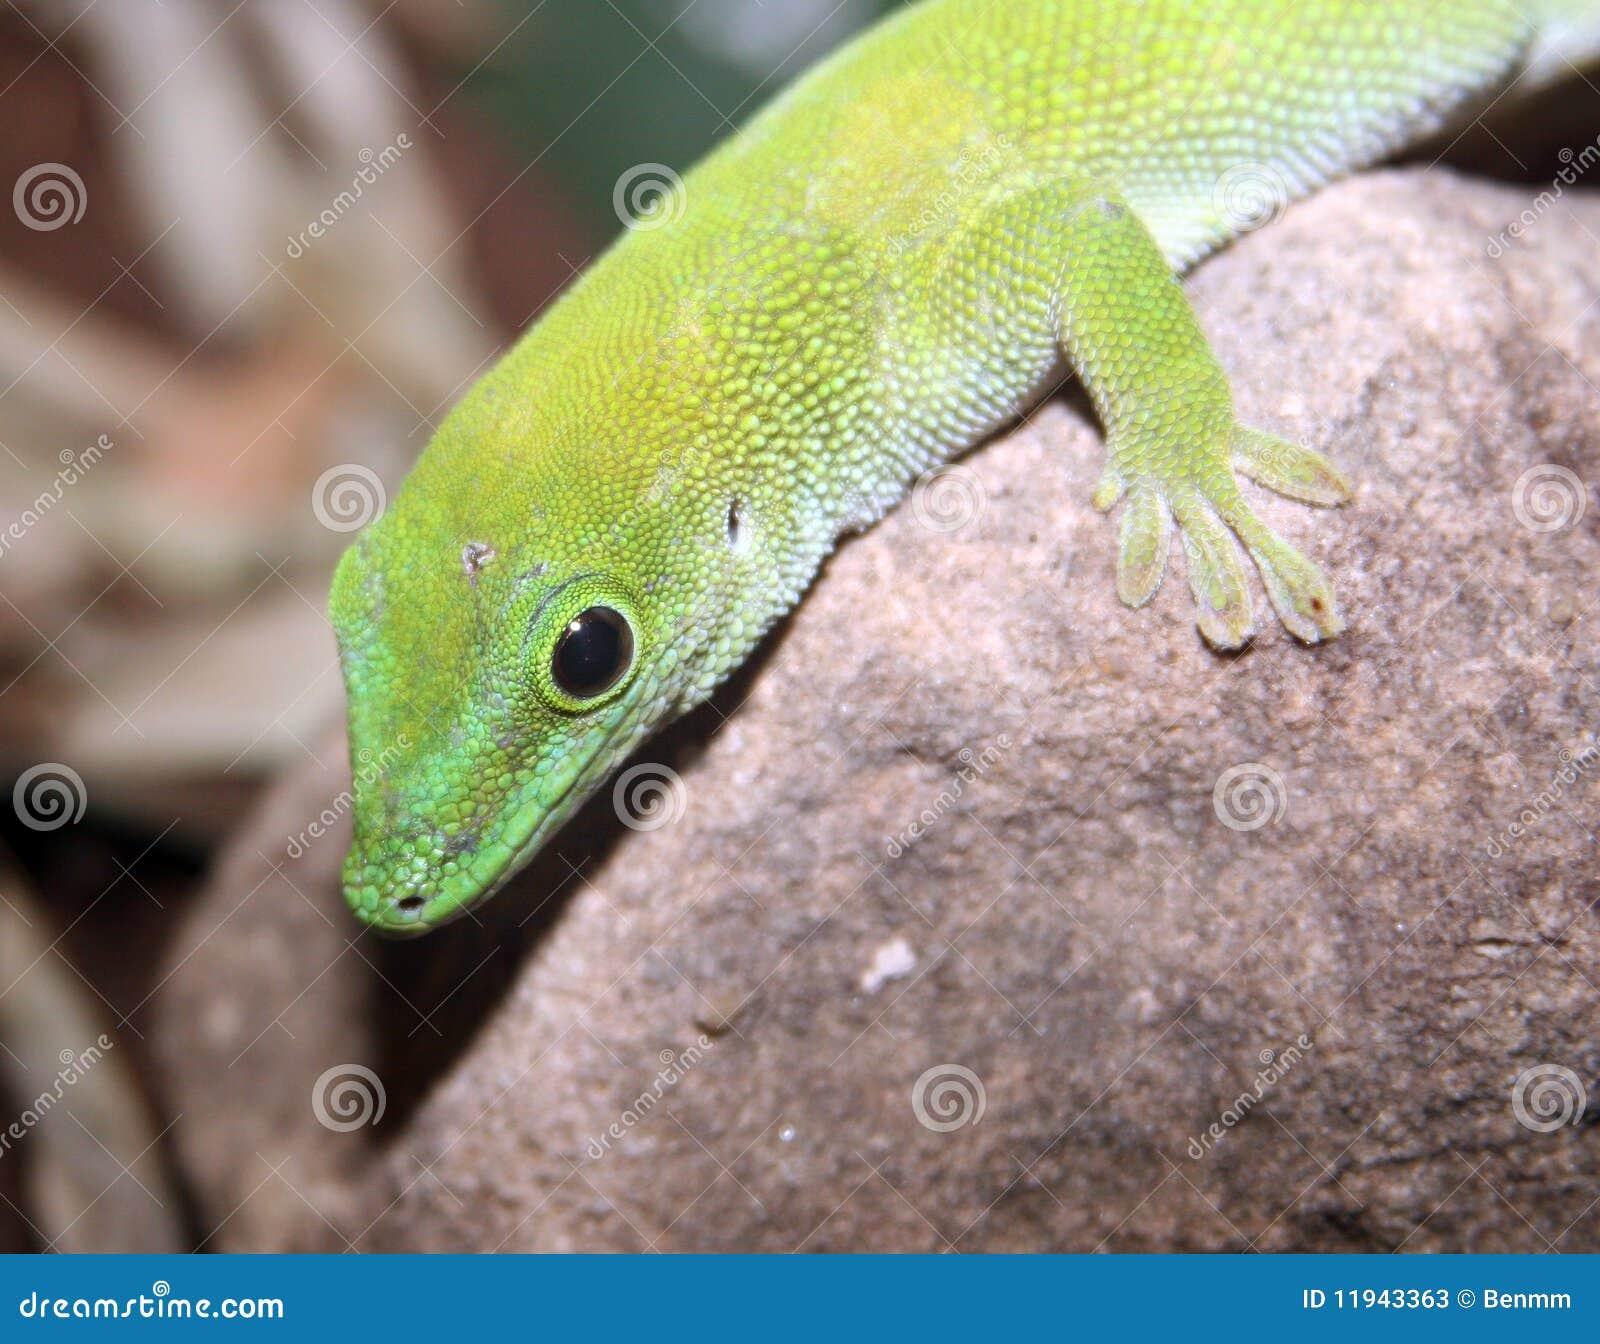 Green Gecko Lizard Stock Photos - Image: 11943363